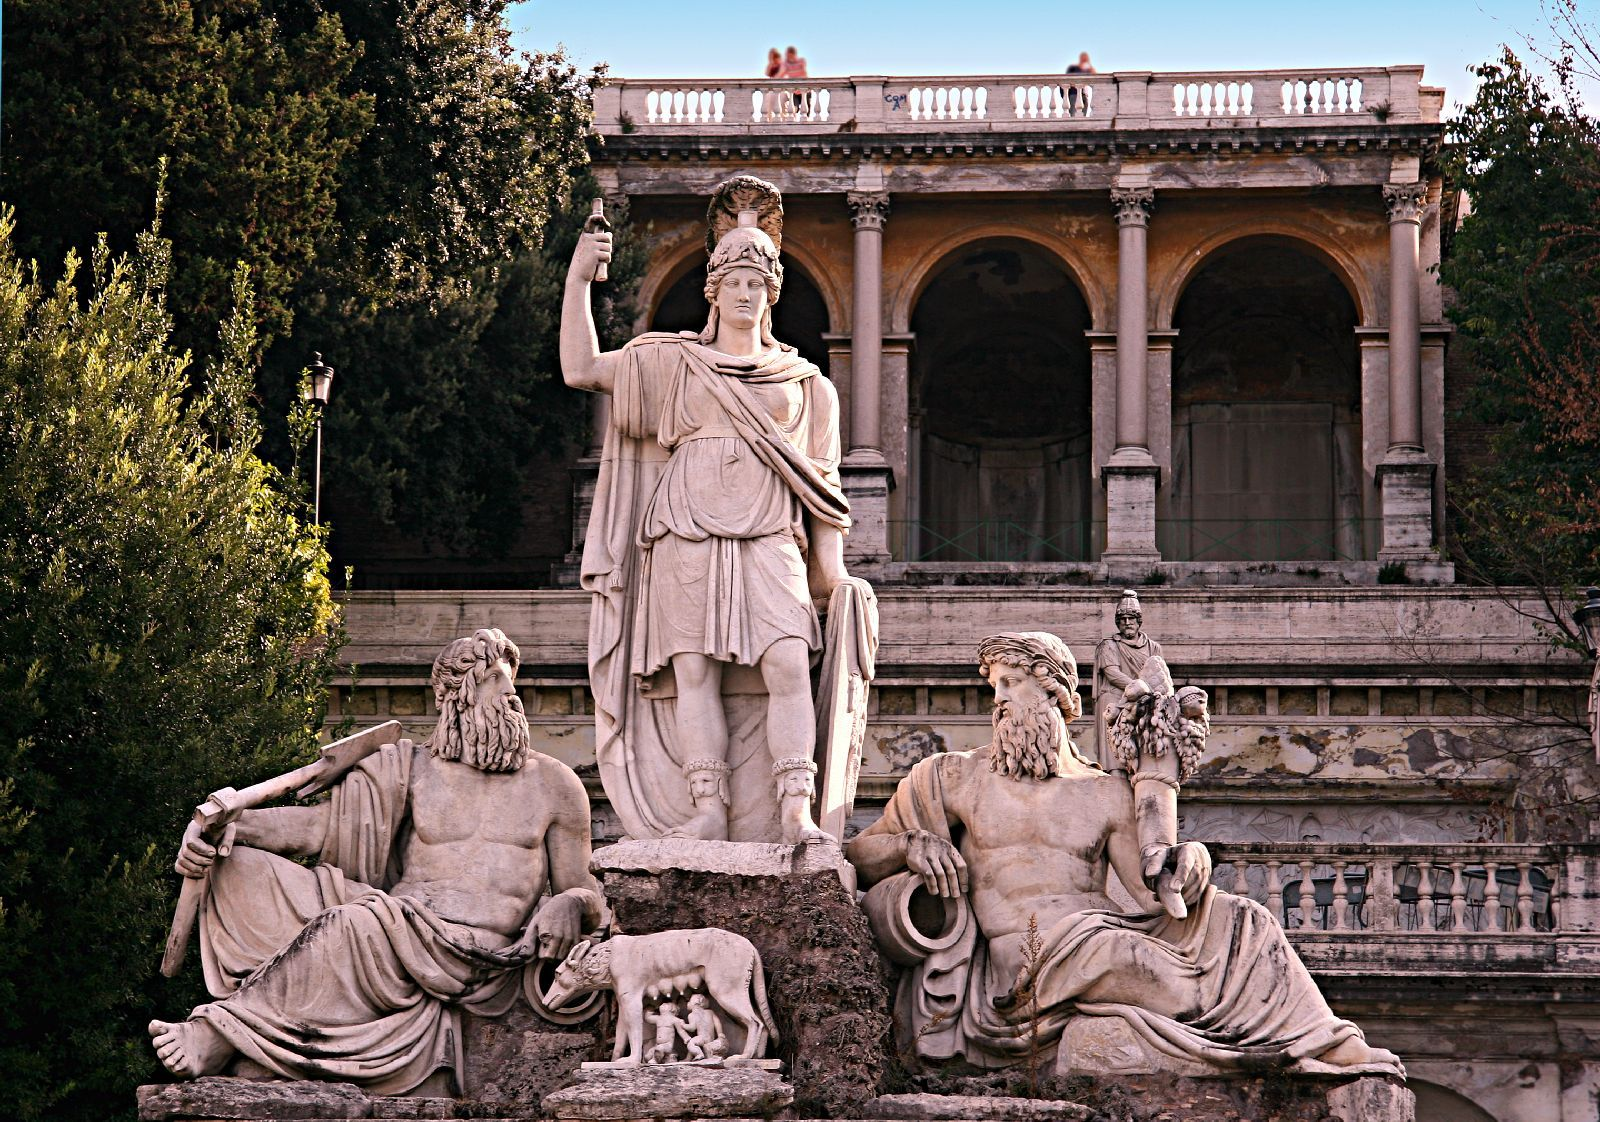 Statue in Piazza Del Popolo, Rome